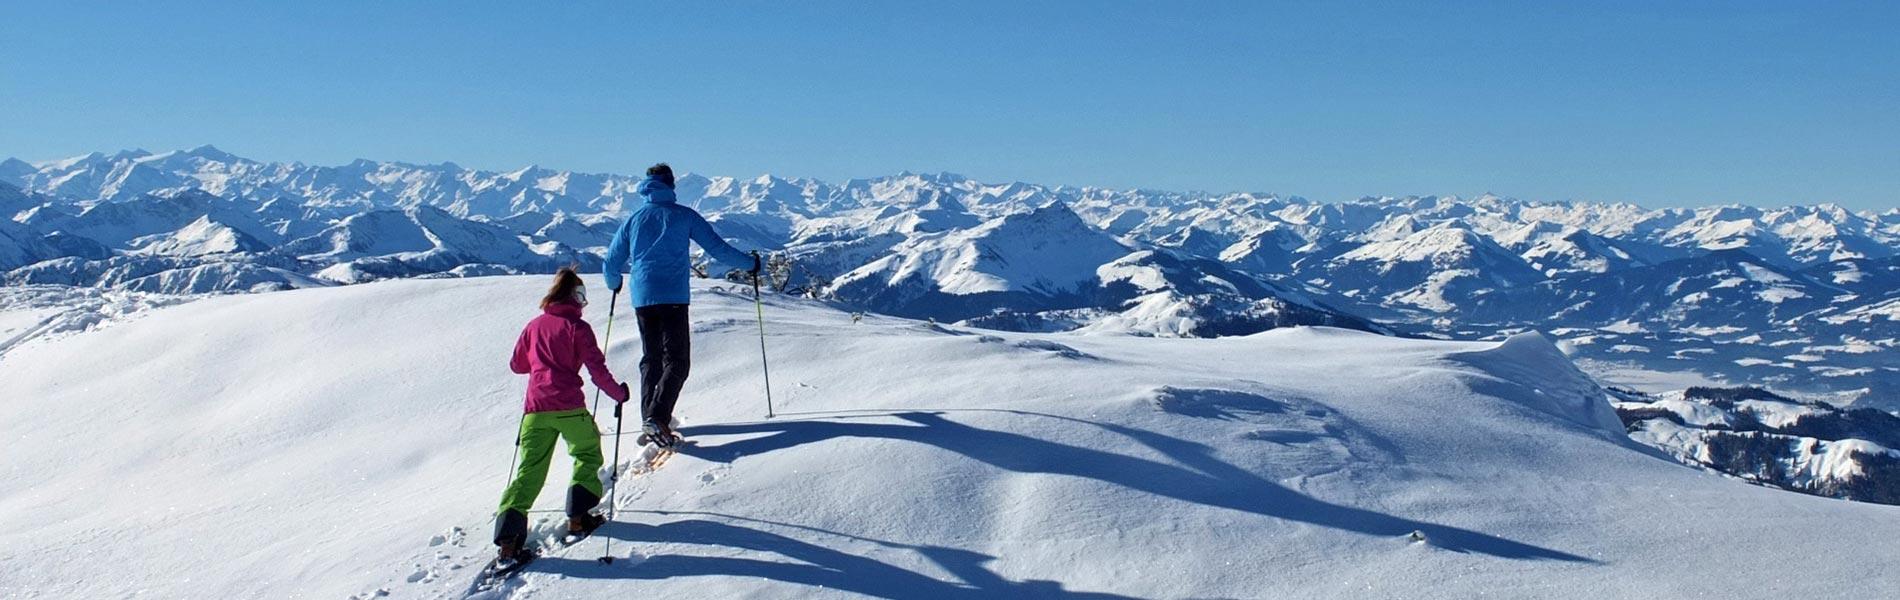 Winterwandern Hotel Rosengarten 5 Sterne Hotel Relais & Châteaux Hotel Kirchberg Tirol Austria